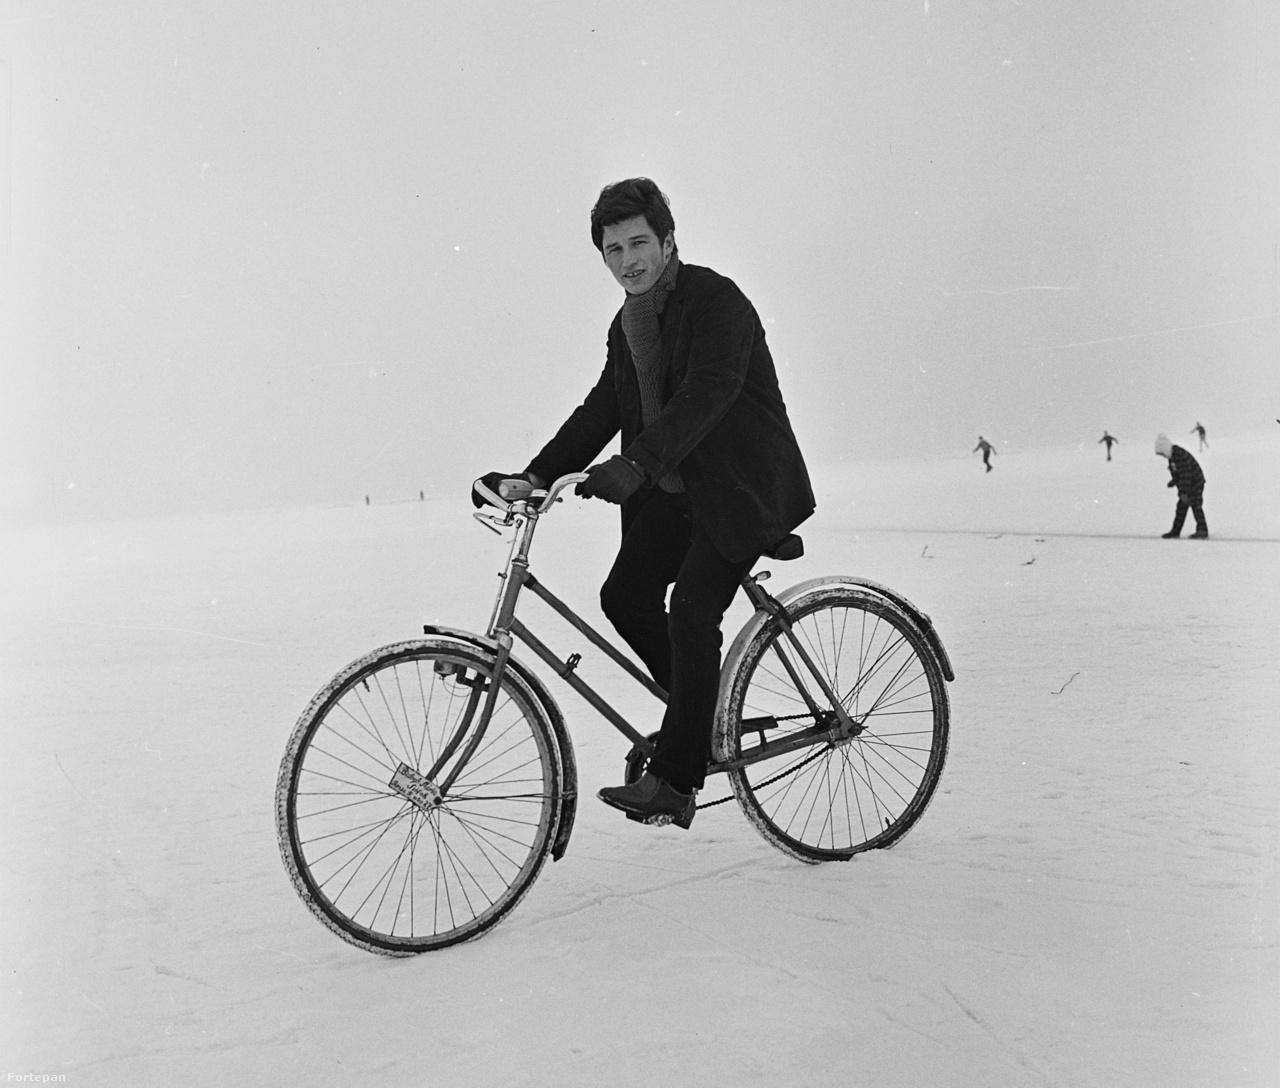 Biciklivel a befagyott Balatonon, Siófokon 1971-ben.